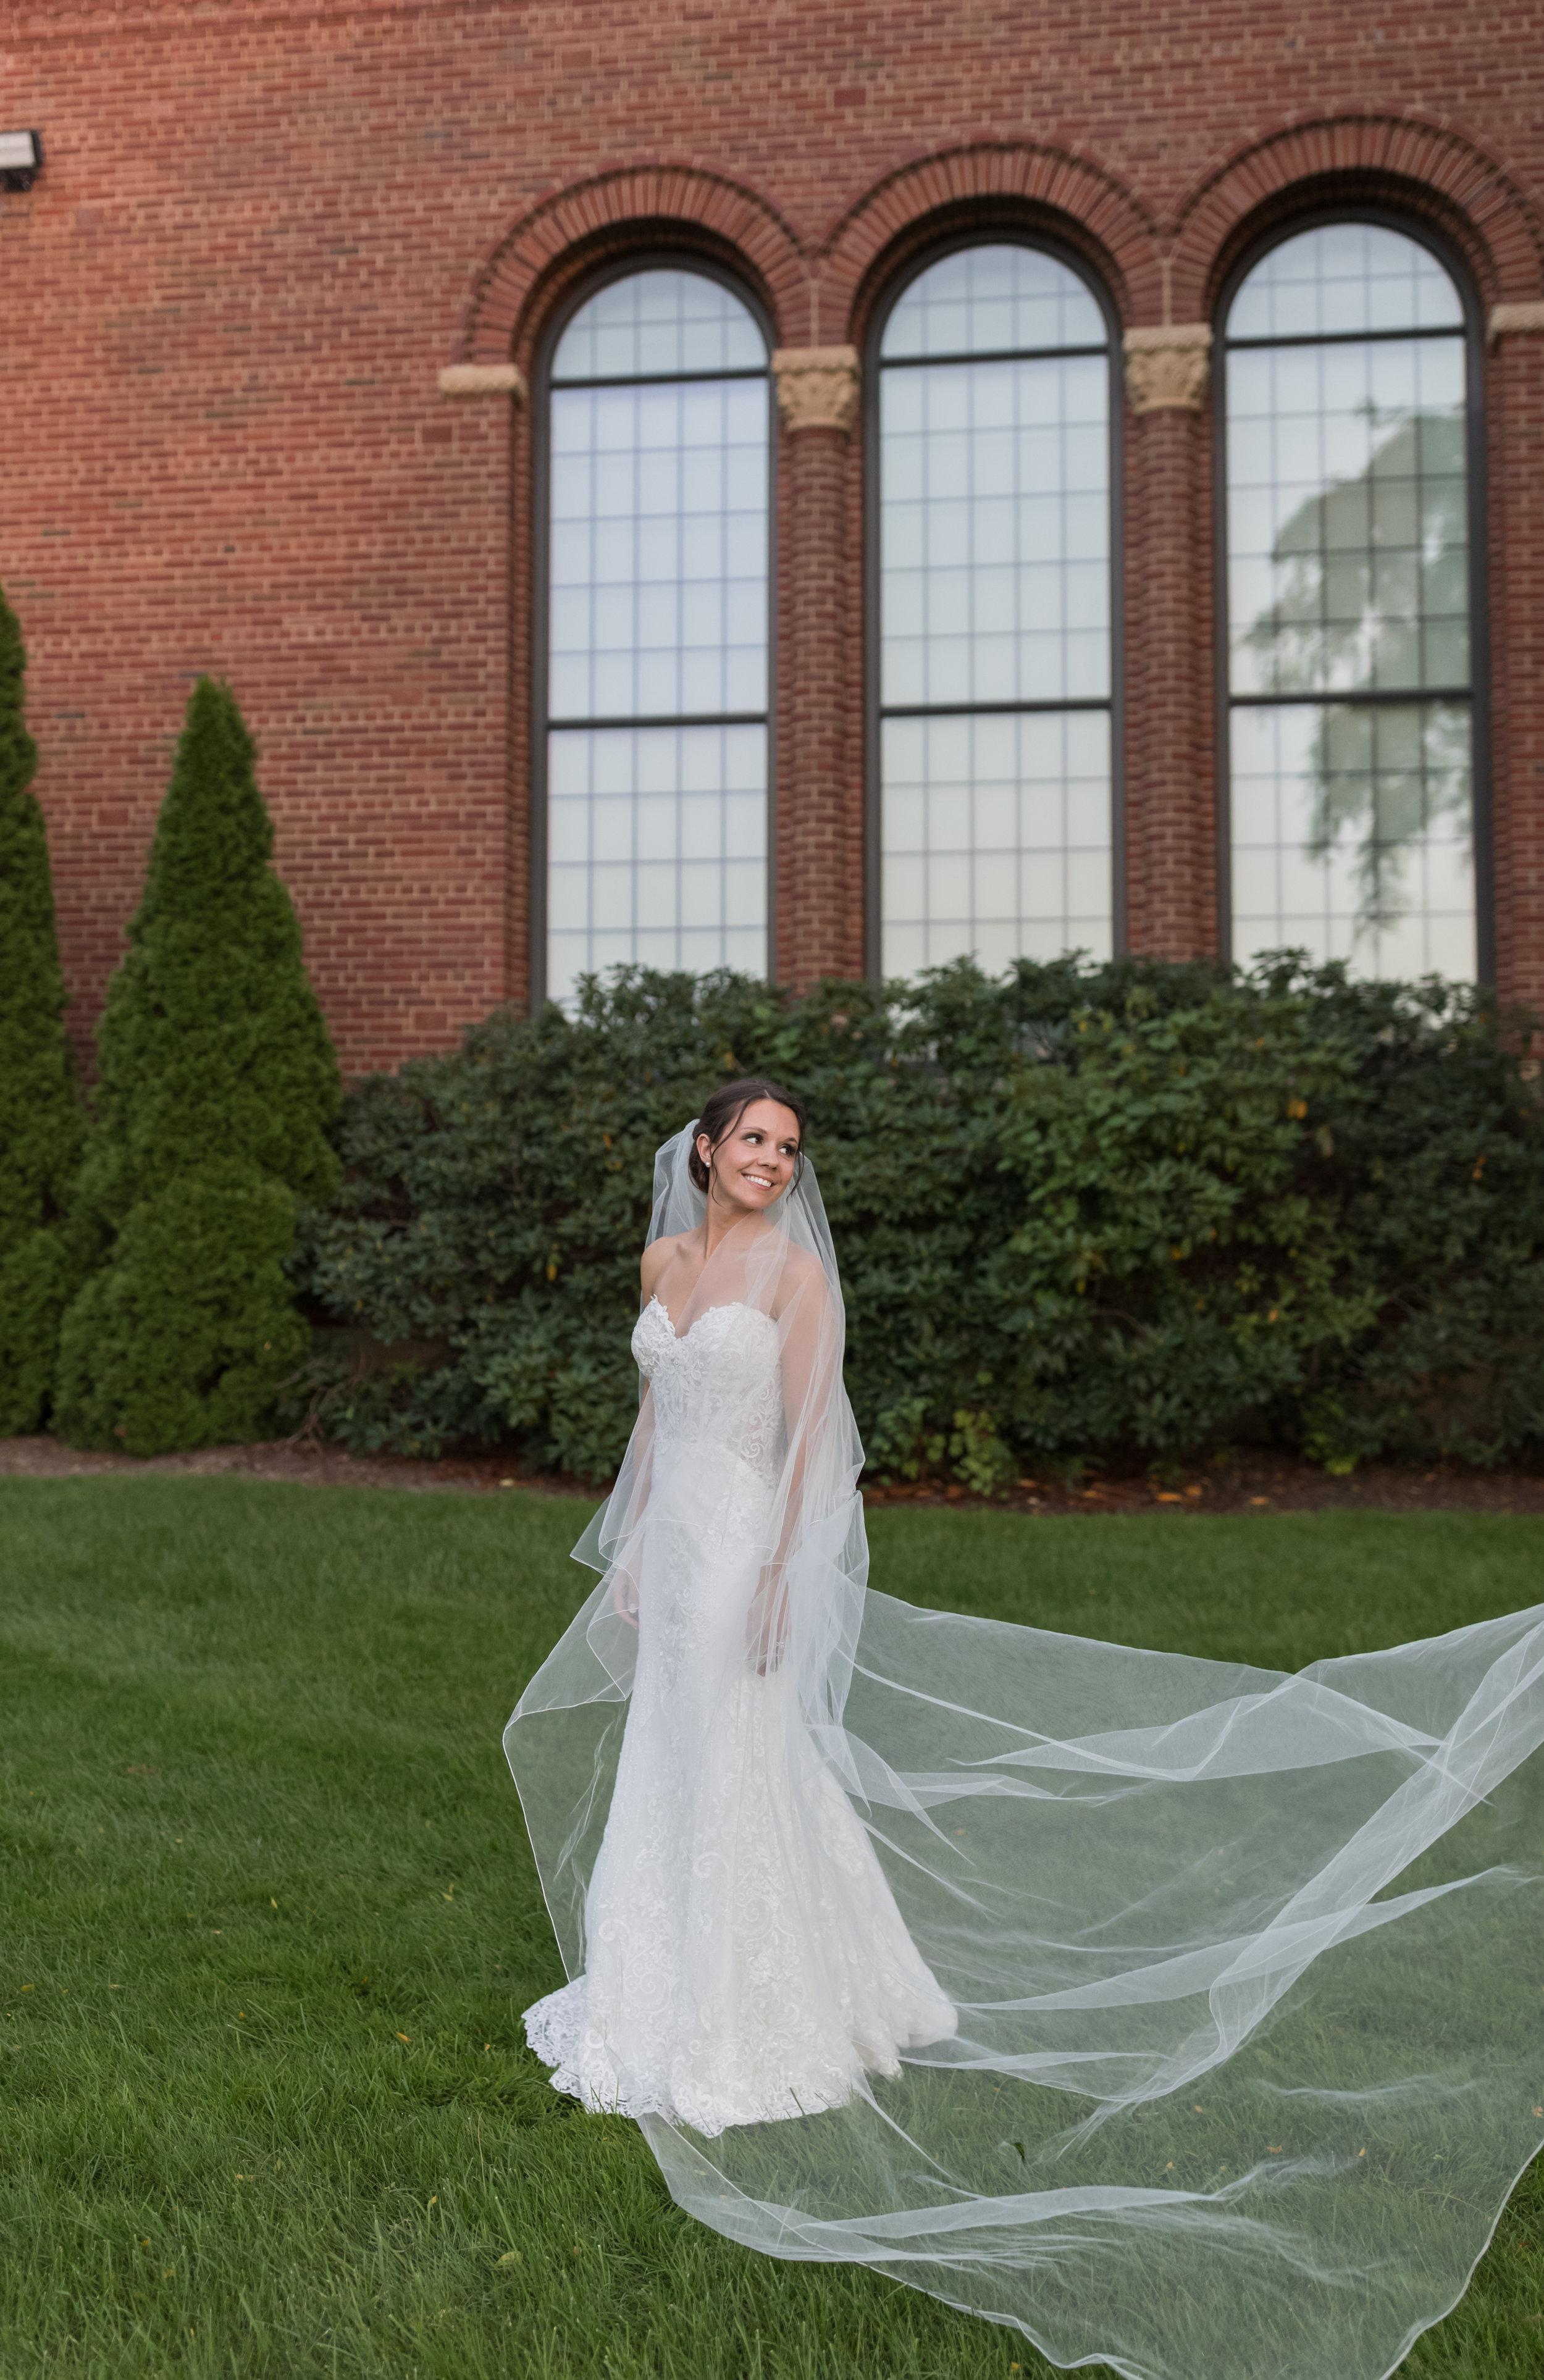 shareyah_John_detroit_wedding_preview_065.JPG